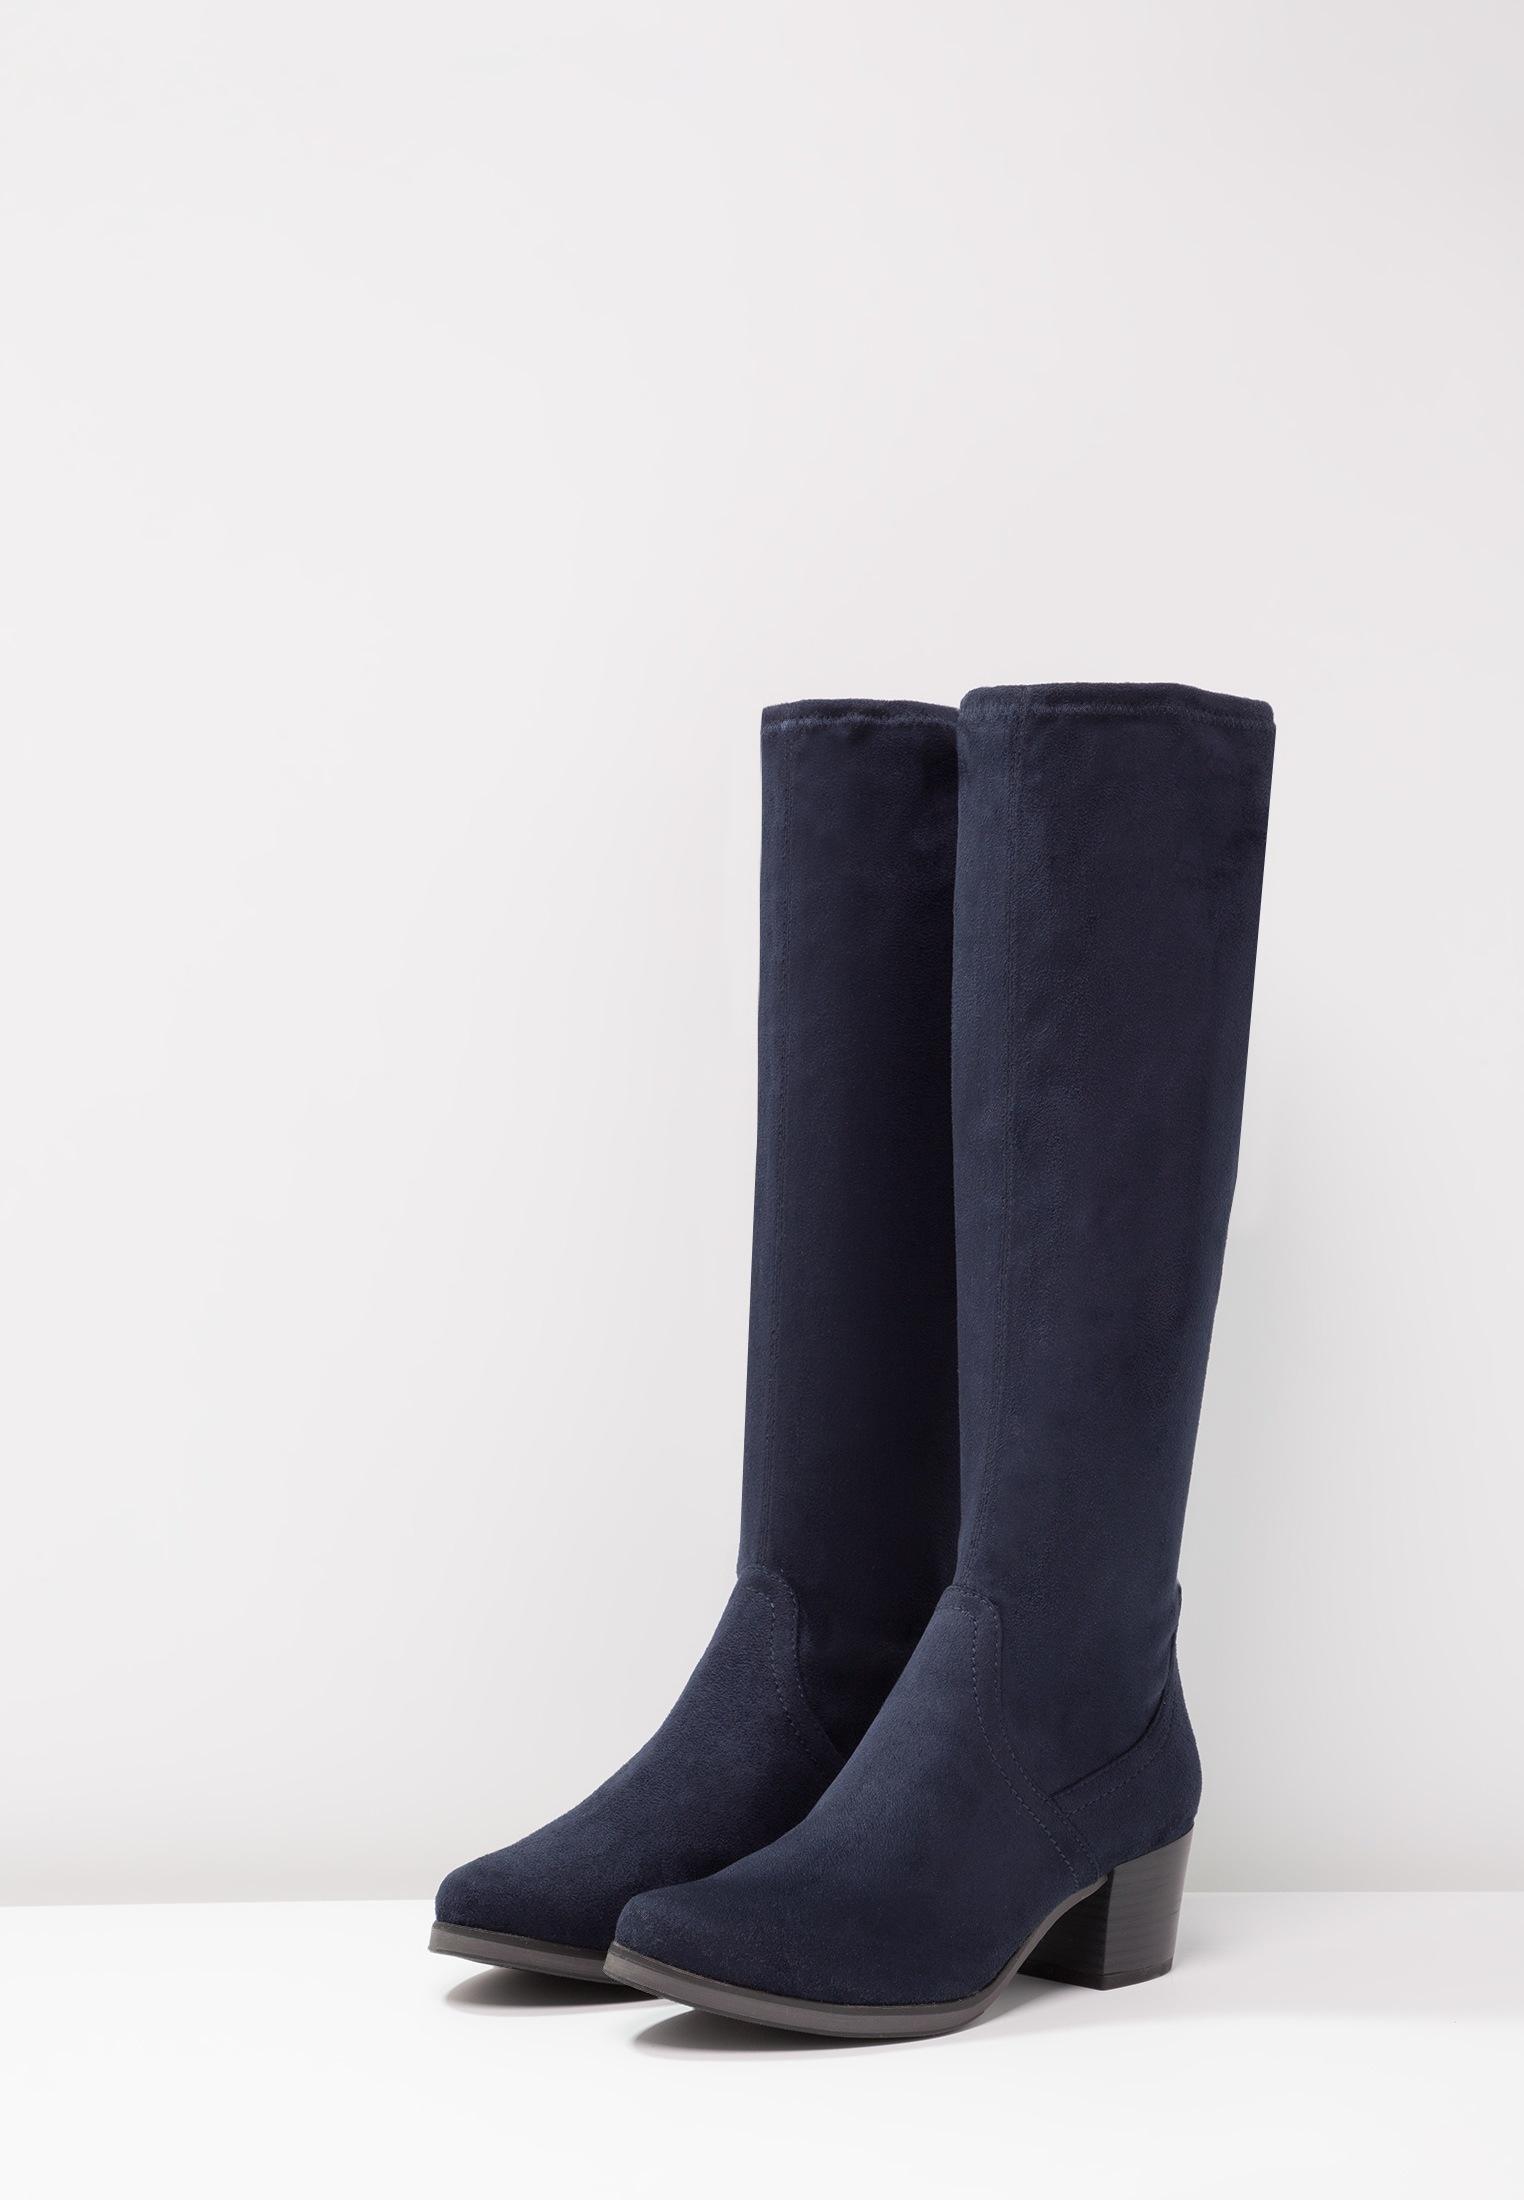 Botas de ante azul marino de Zalando. (59,95 euros).